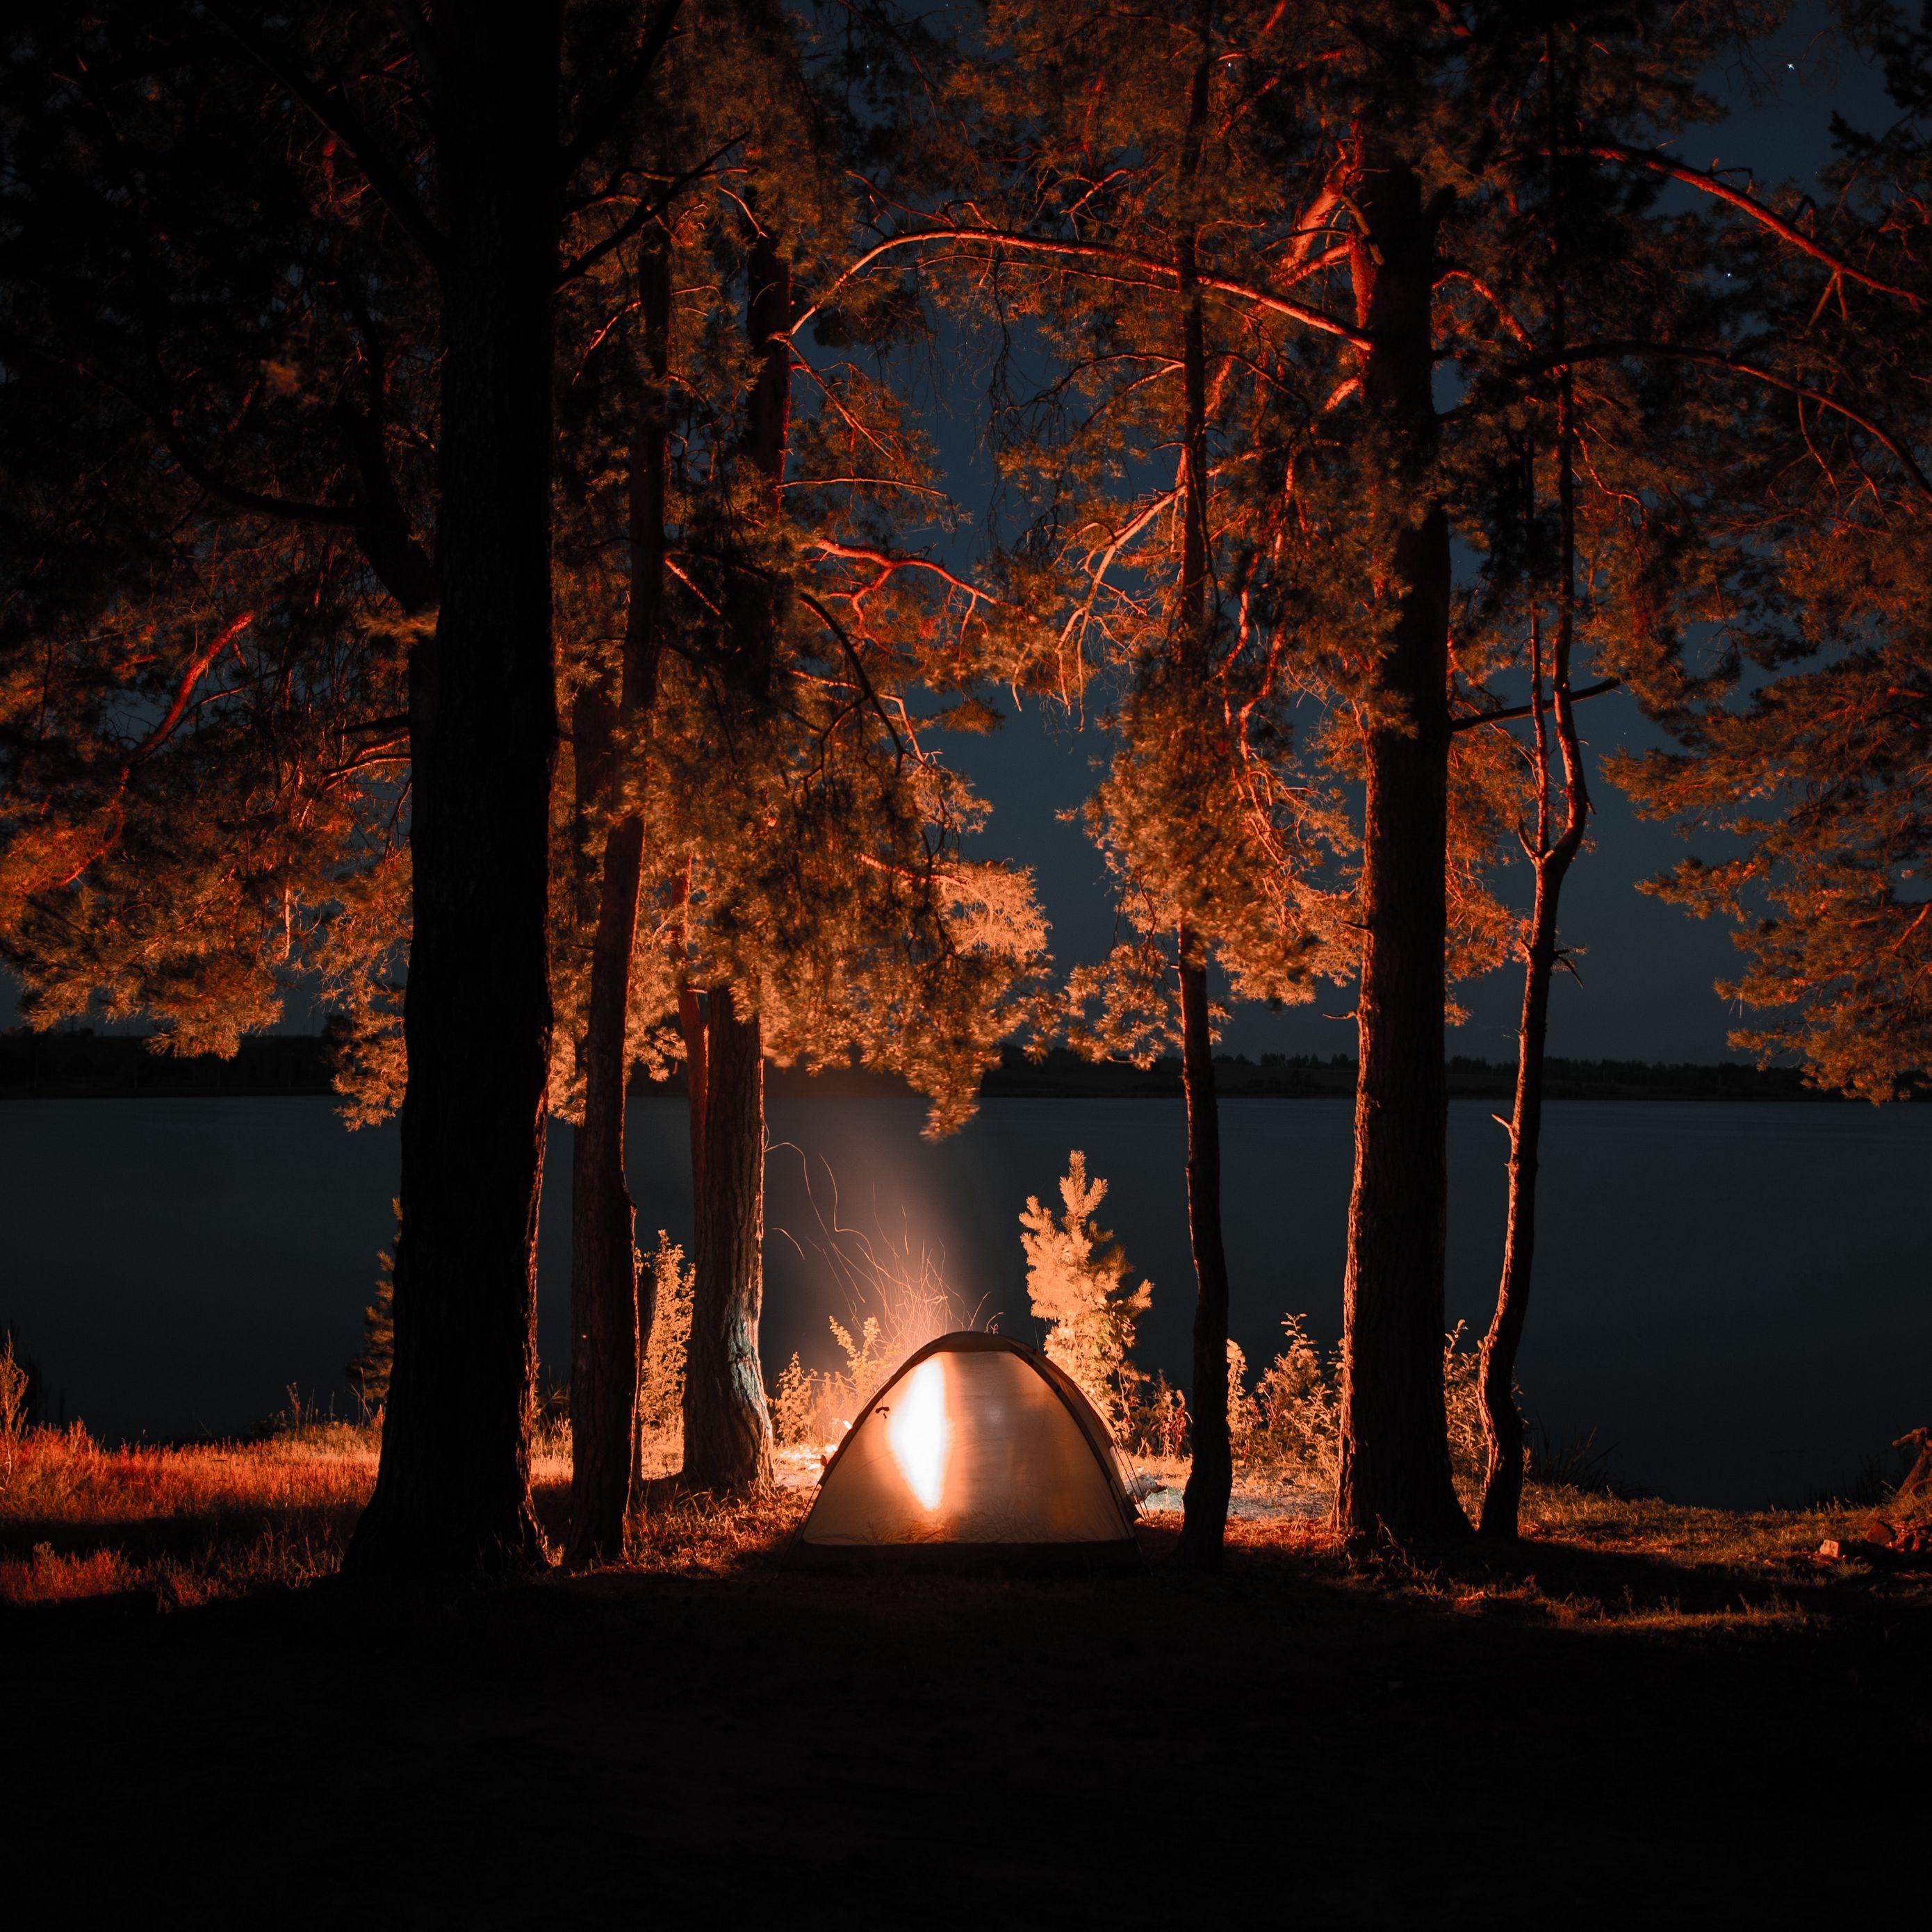 Download wallpaper 2780x2780 tent, campfire, camping ...